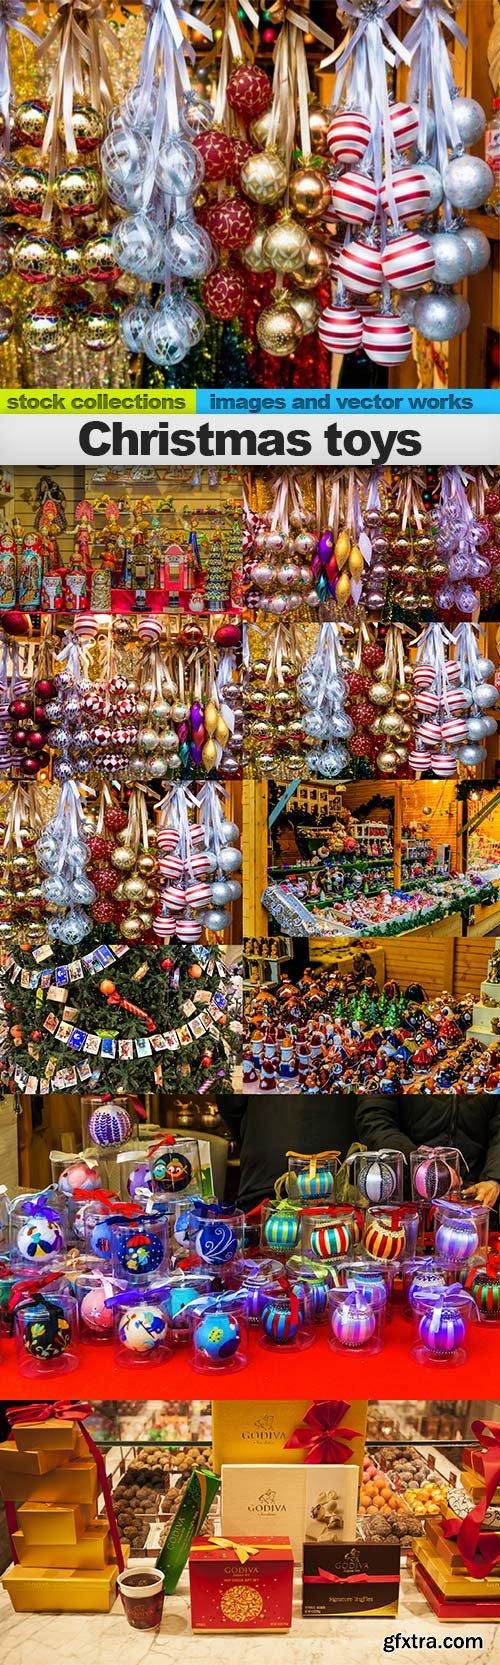 Christmas toys, 10 x UHQ JPEG